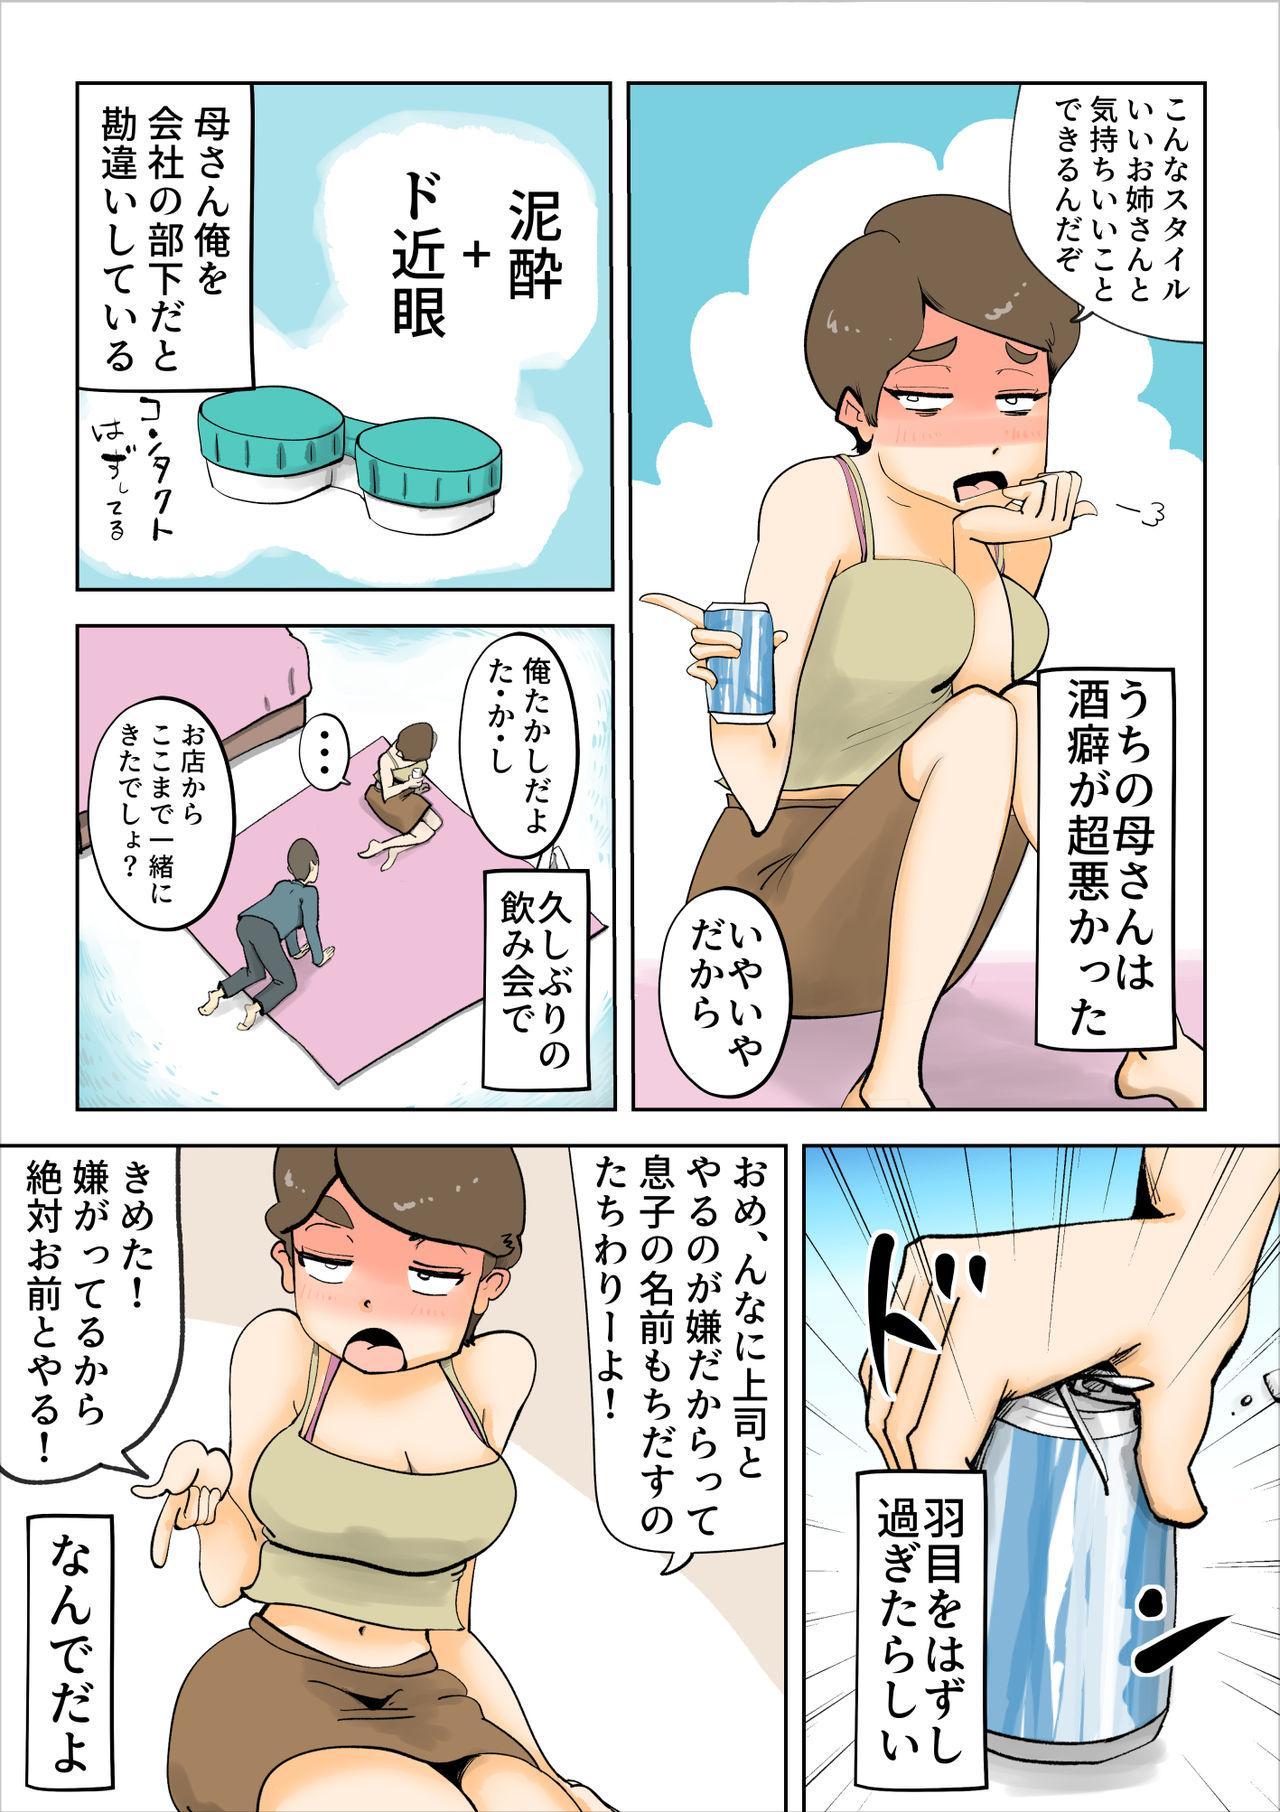 Yotta Hahaoya Ga Guigui Kuru Hanashi 7